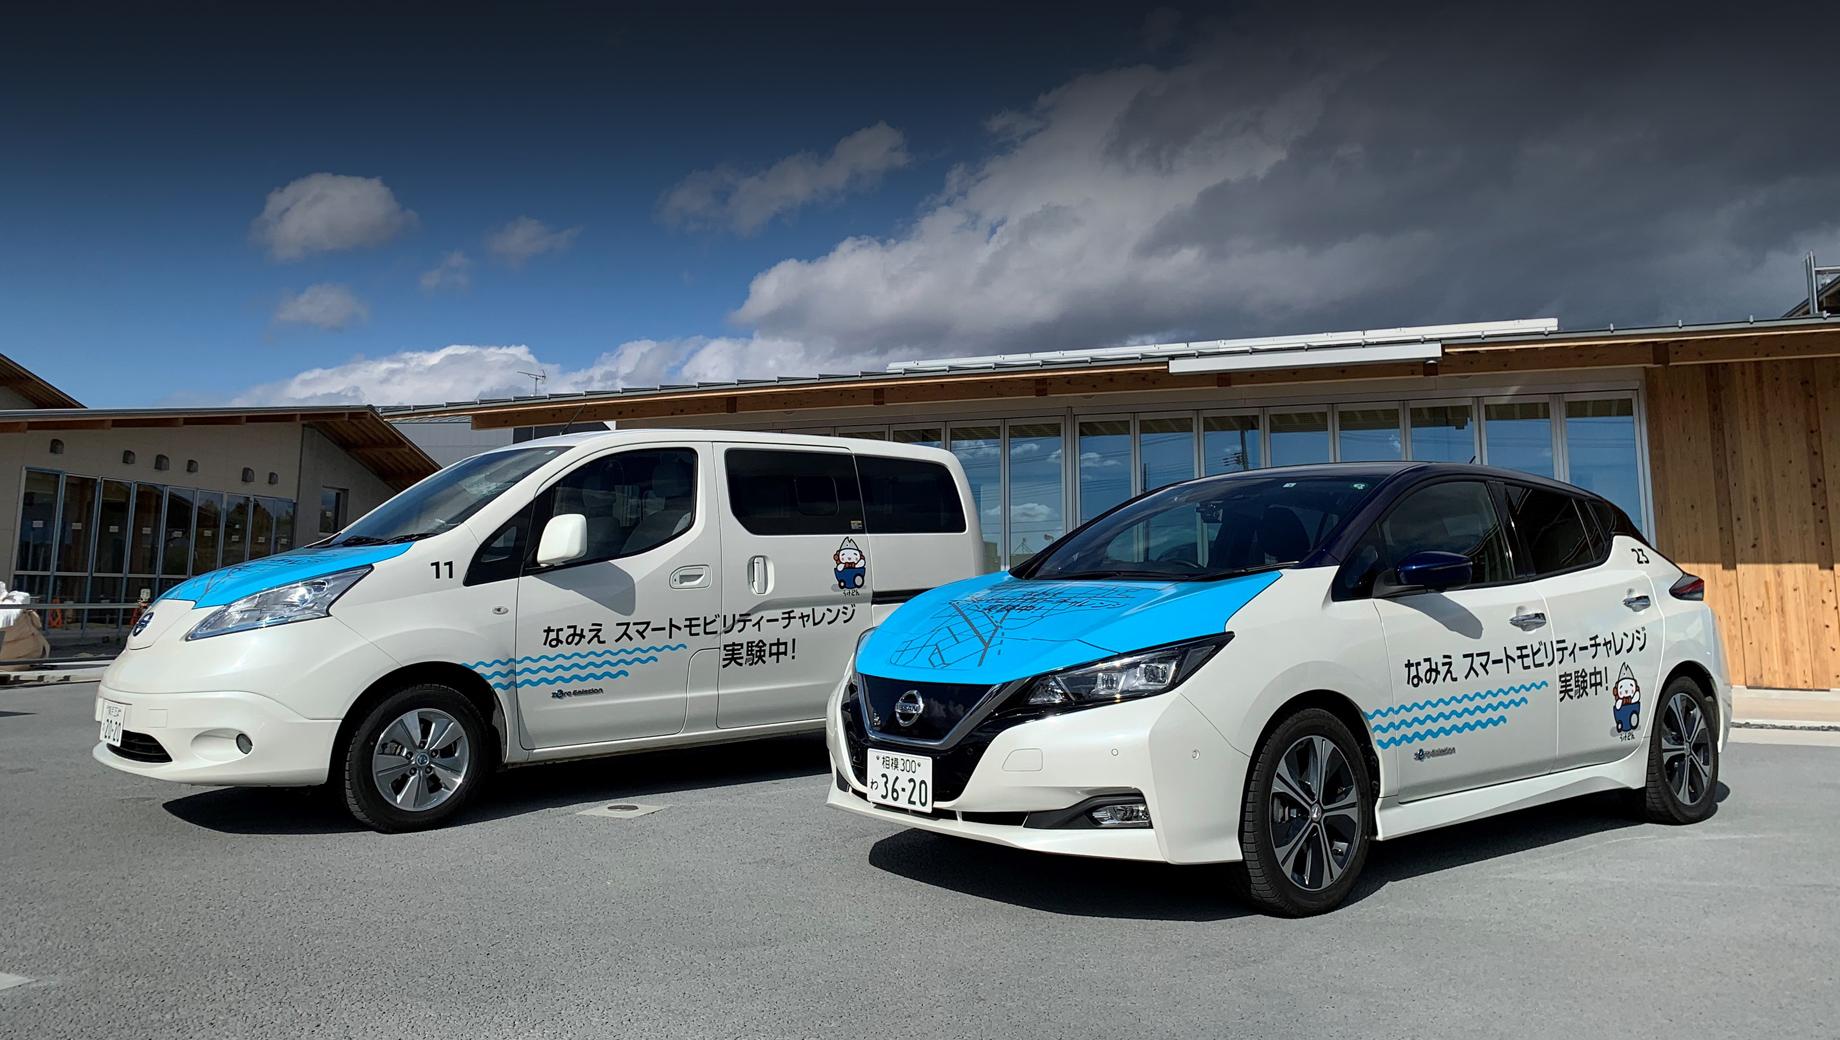 Nissan испытает электрические шаттлы и беспилотники в Фукусиме